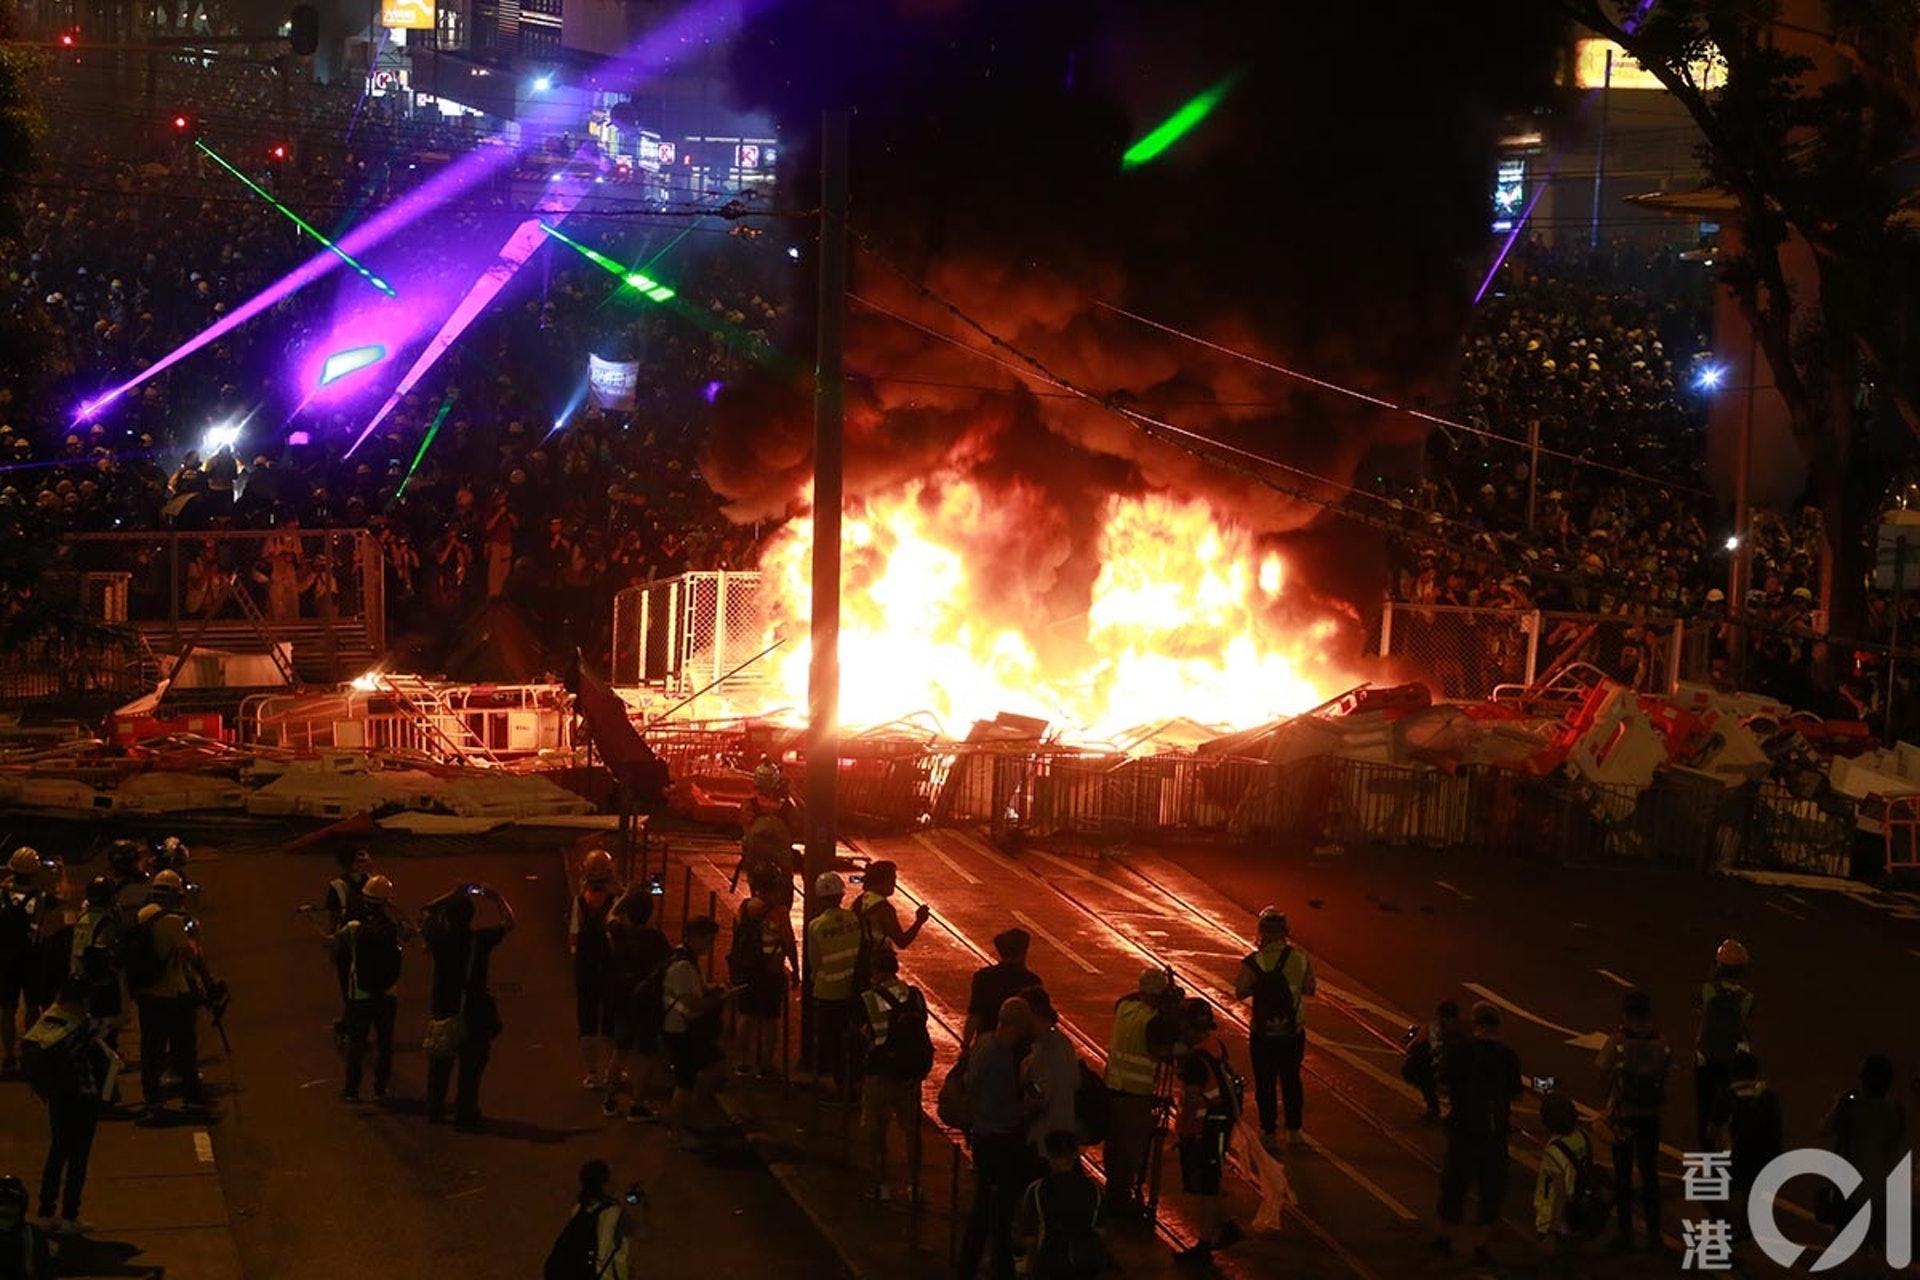 831遊行示威衝突,晚上7點多,灣仔警總附近有示威者燃燒雜物,濃煙漂到半空。(羅國輝攝)